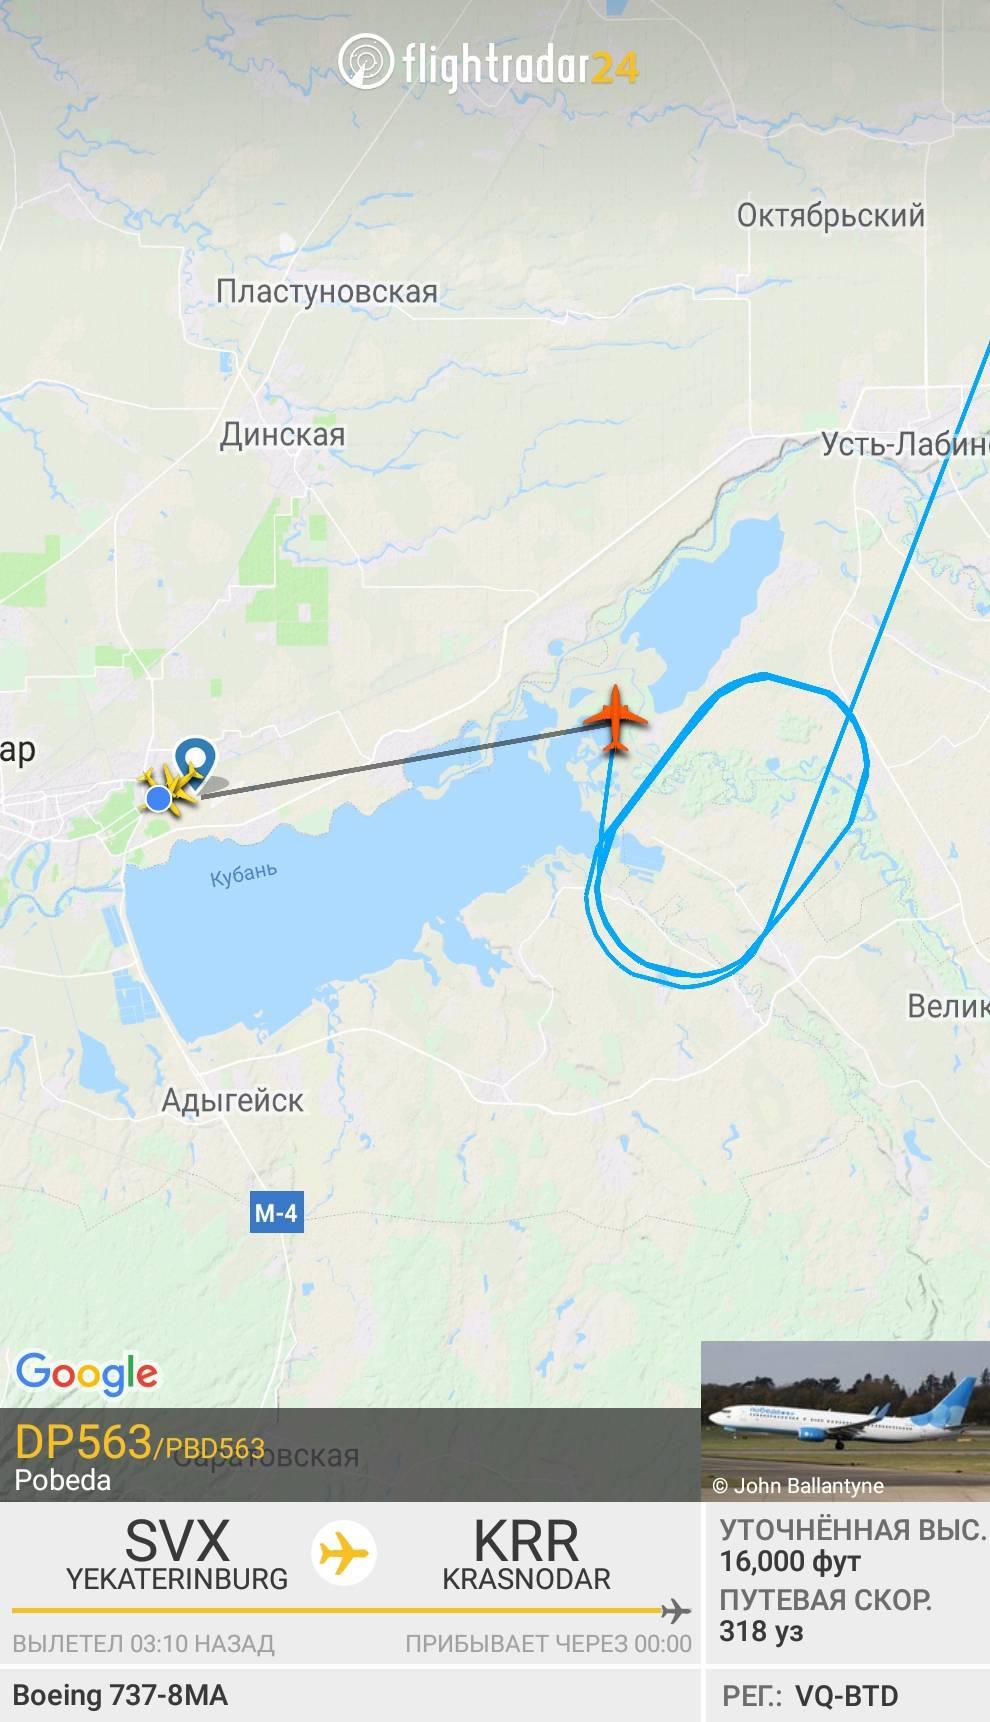 Скриншот приложения «Флайтрадар»: мой самолет кружит над Краснодаром